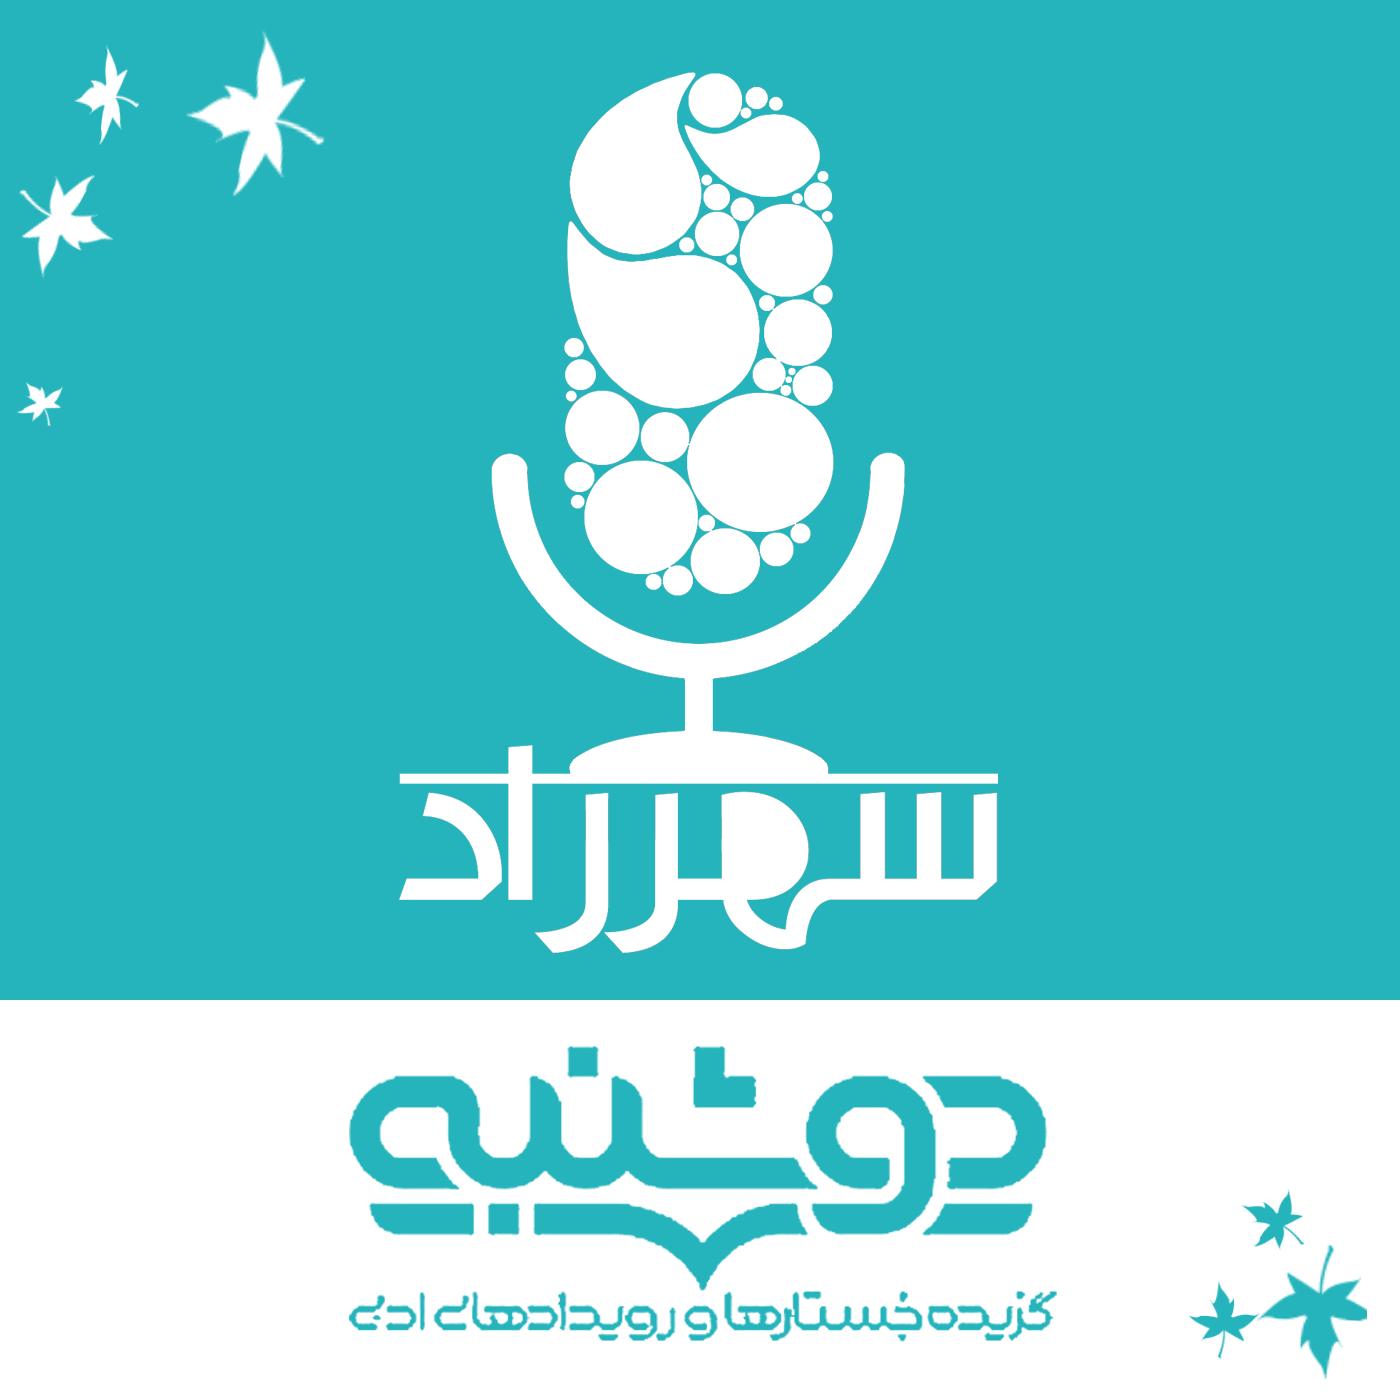 رادیو شهرزاد | ویژه برنامههای «دوشنبه» | تیزر